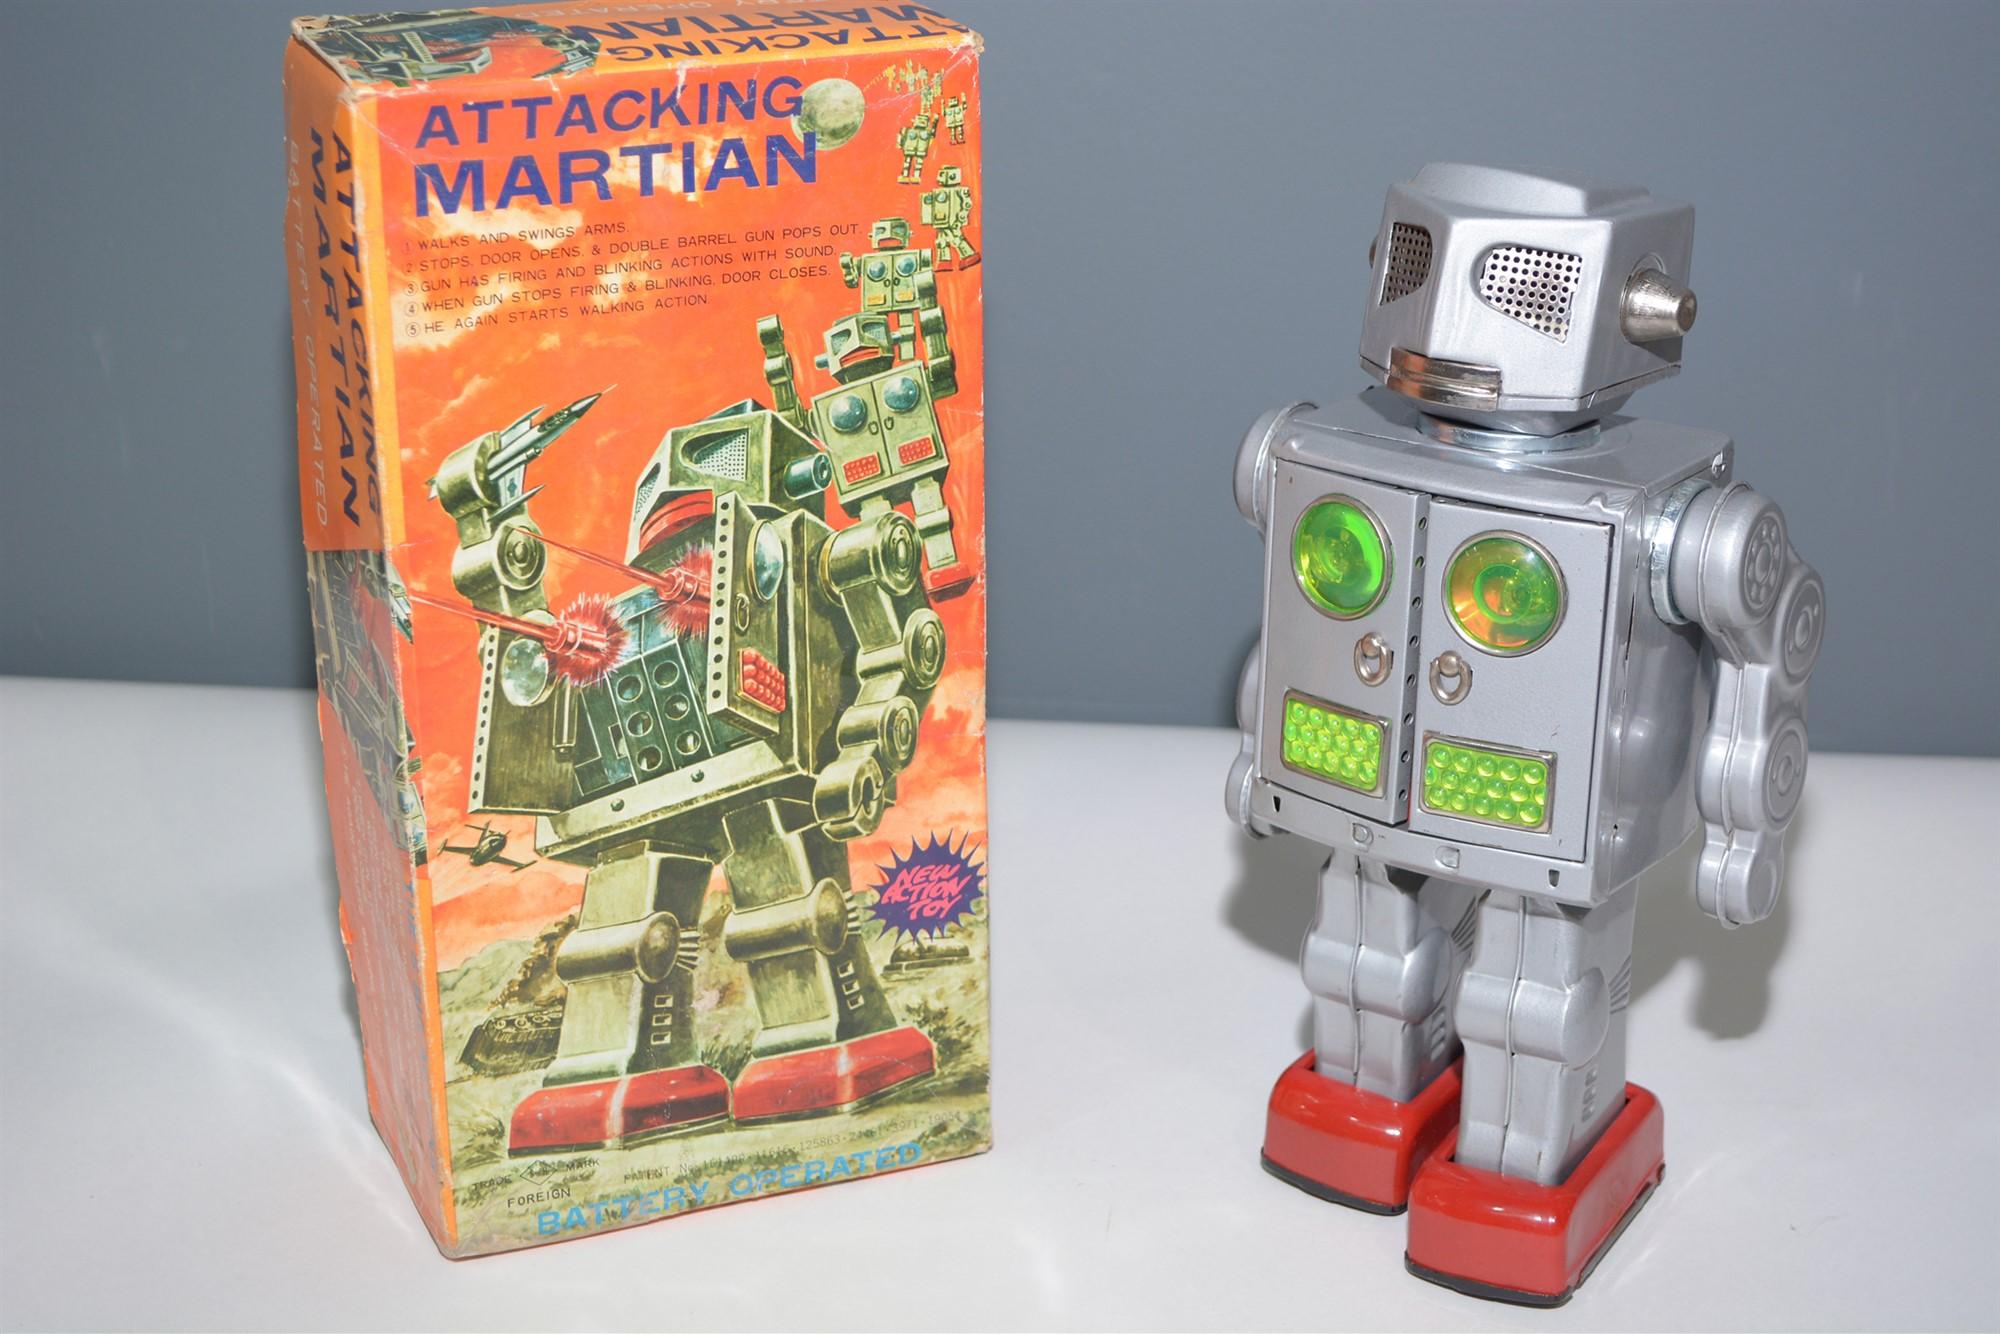 Lot 1009 - Horikawa Attacking Martian